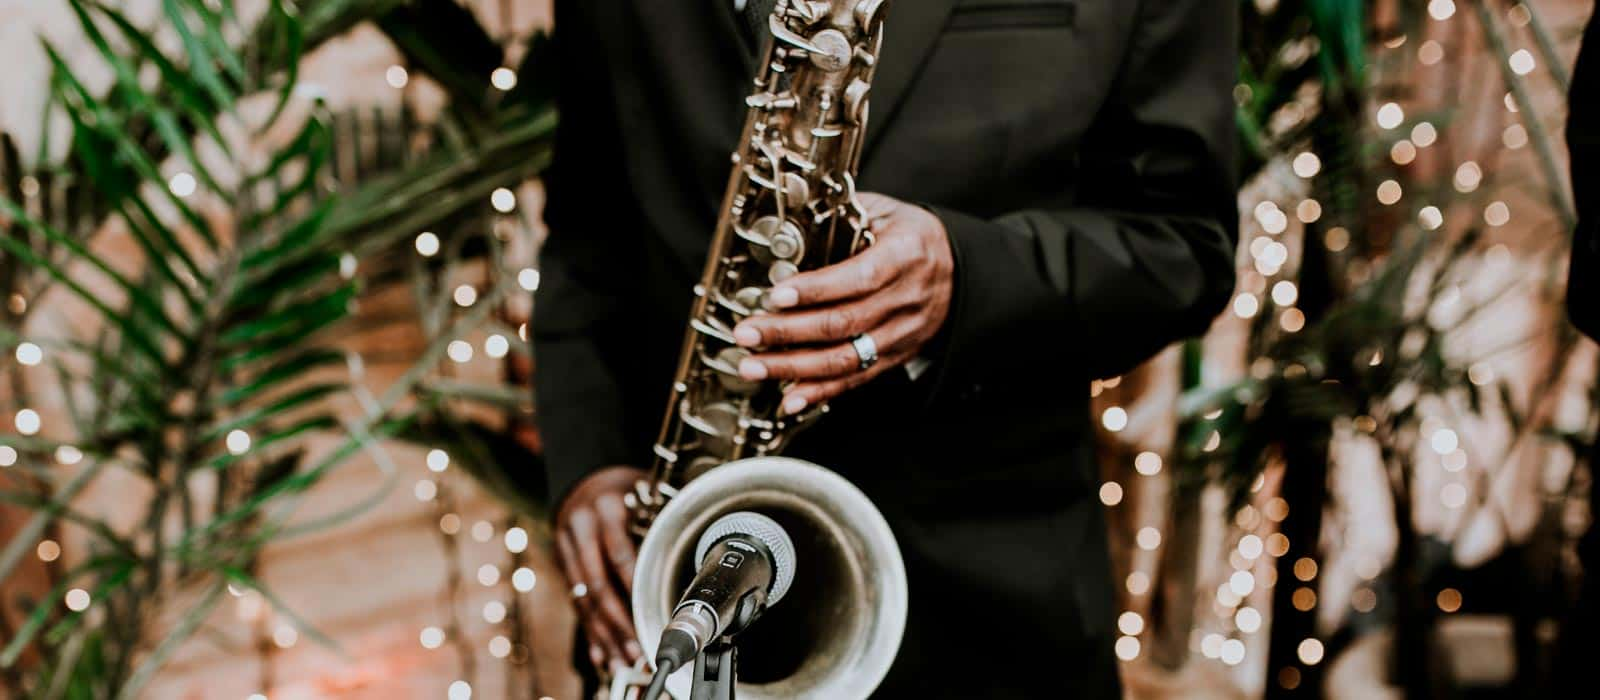 Bossa nova saxofón instrumentista